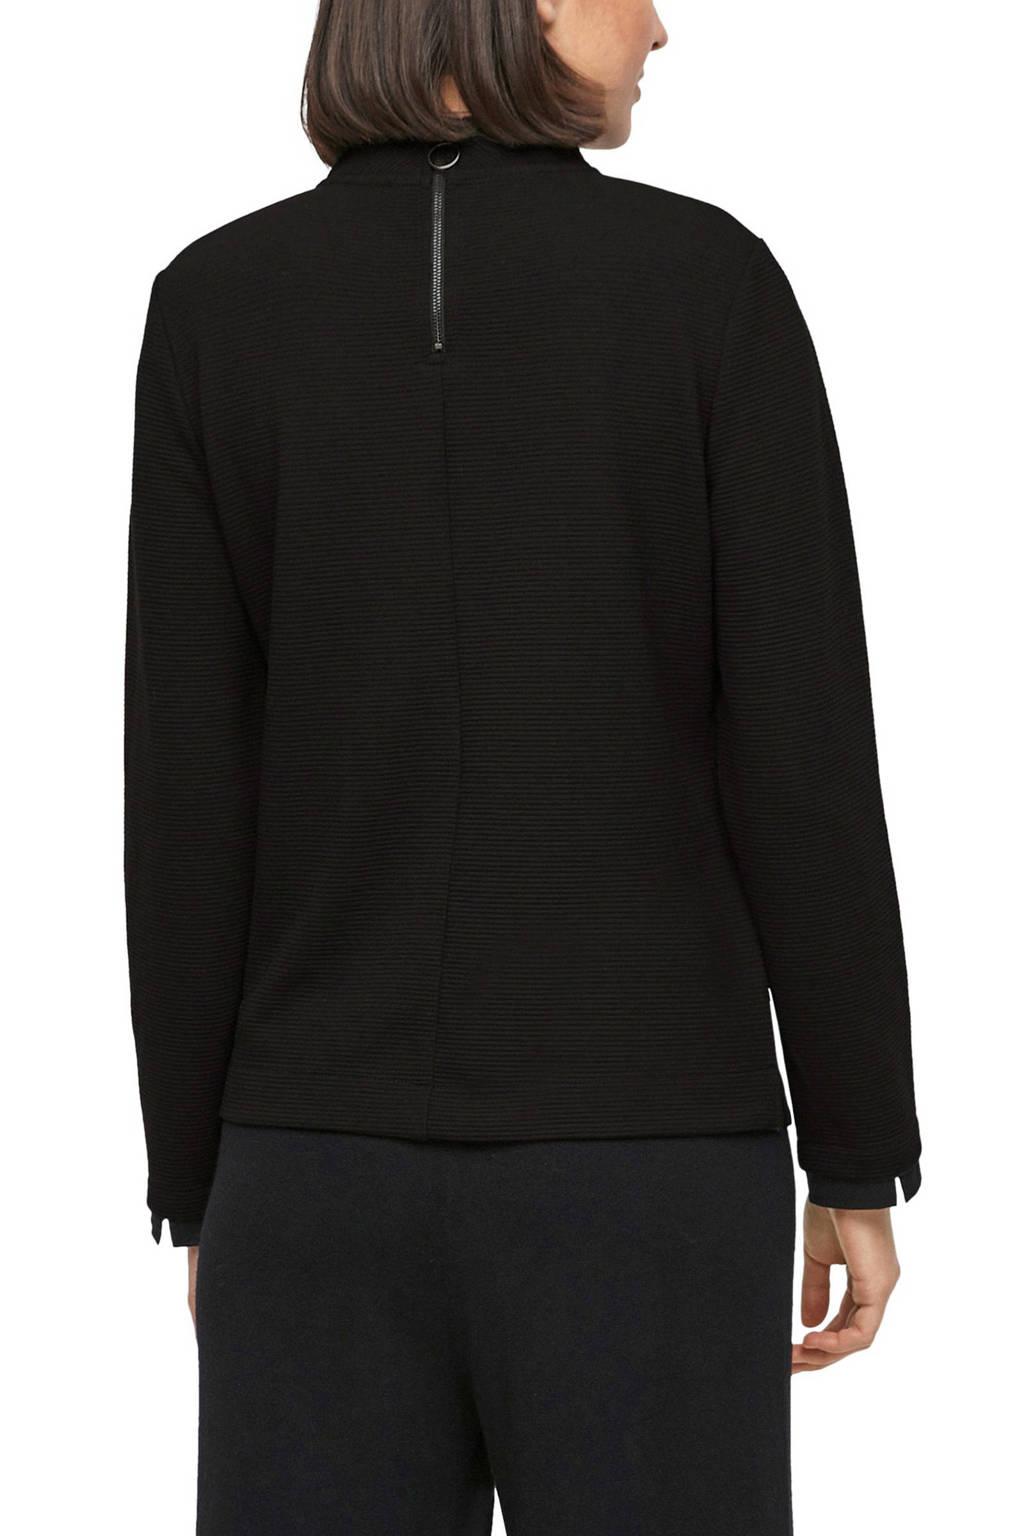 s.Oliver sweater met textuur zwart, Zwart